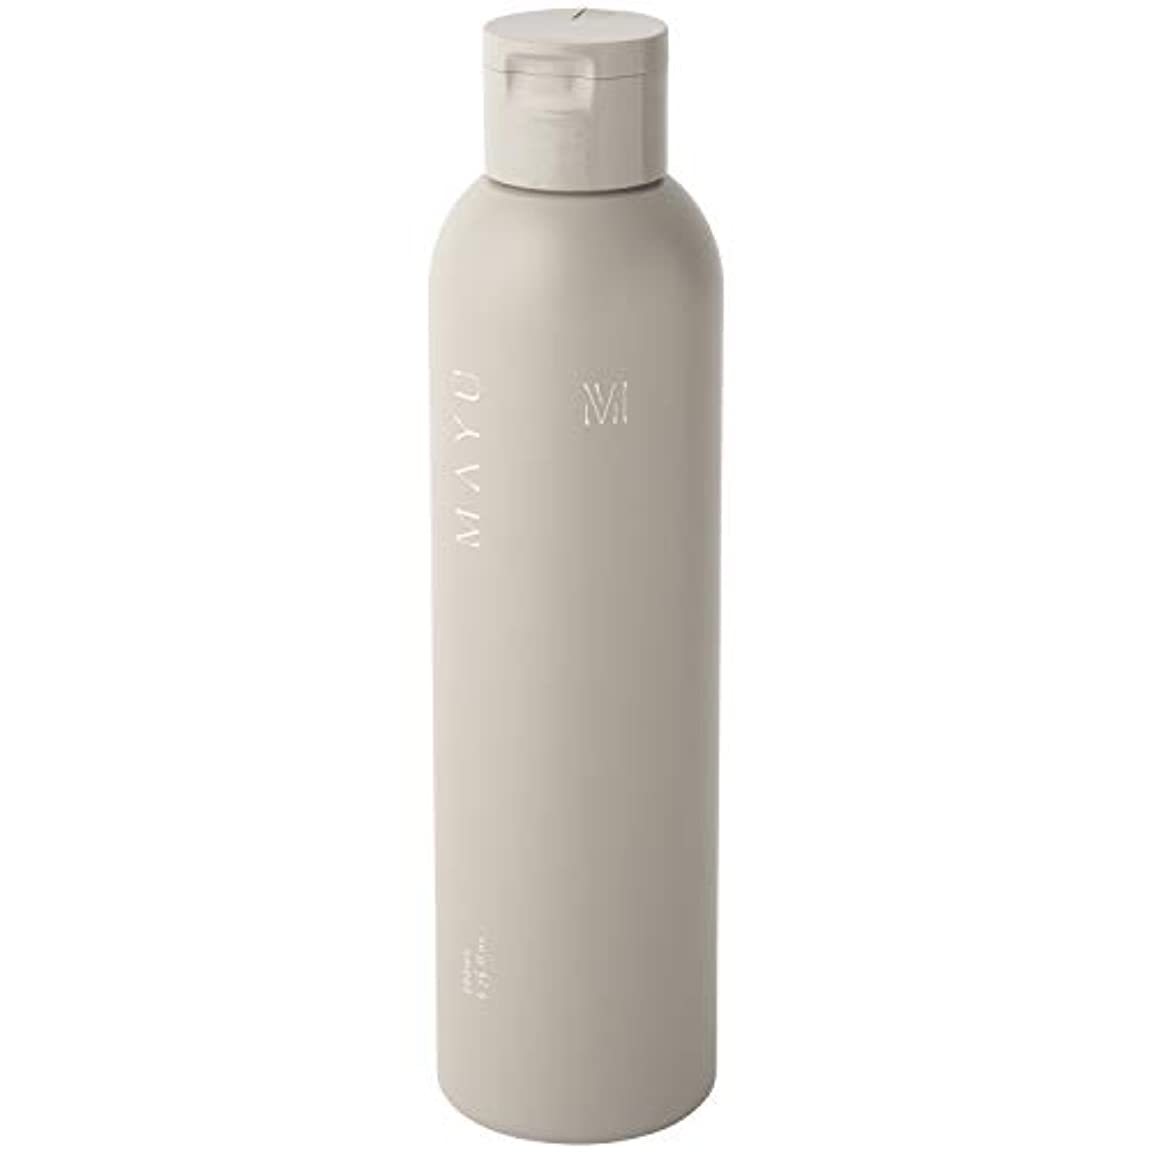 統計的化合物憂慮すべき【365Plus】 MAYU さくらの香りシャンプー (200ml) 1本入り